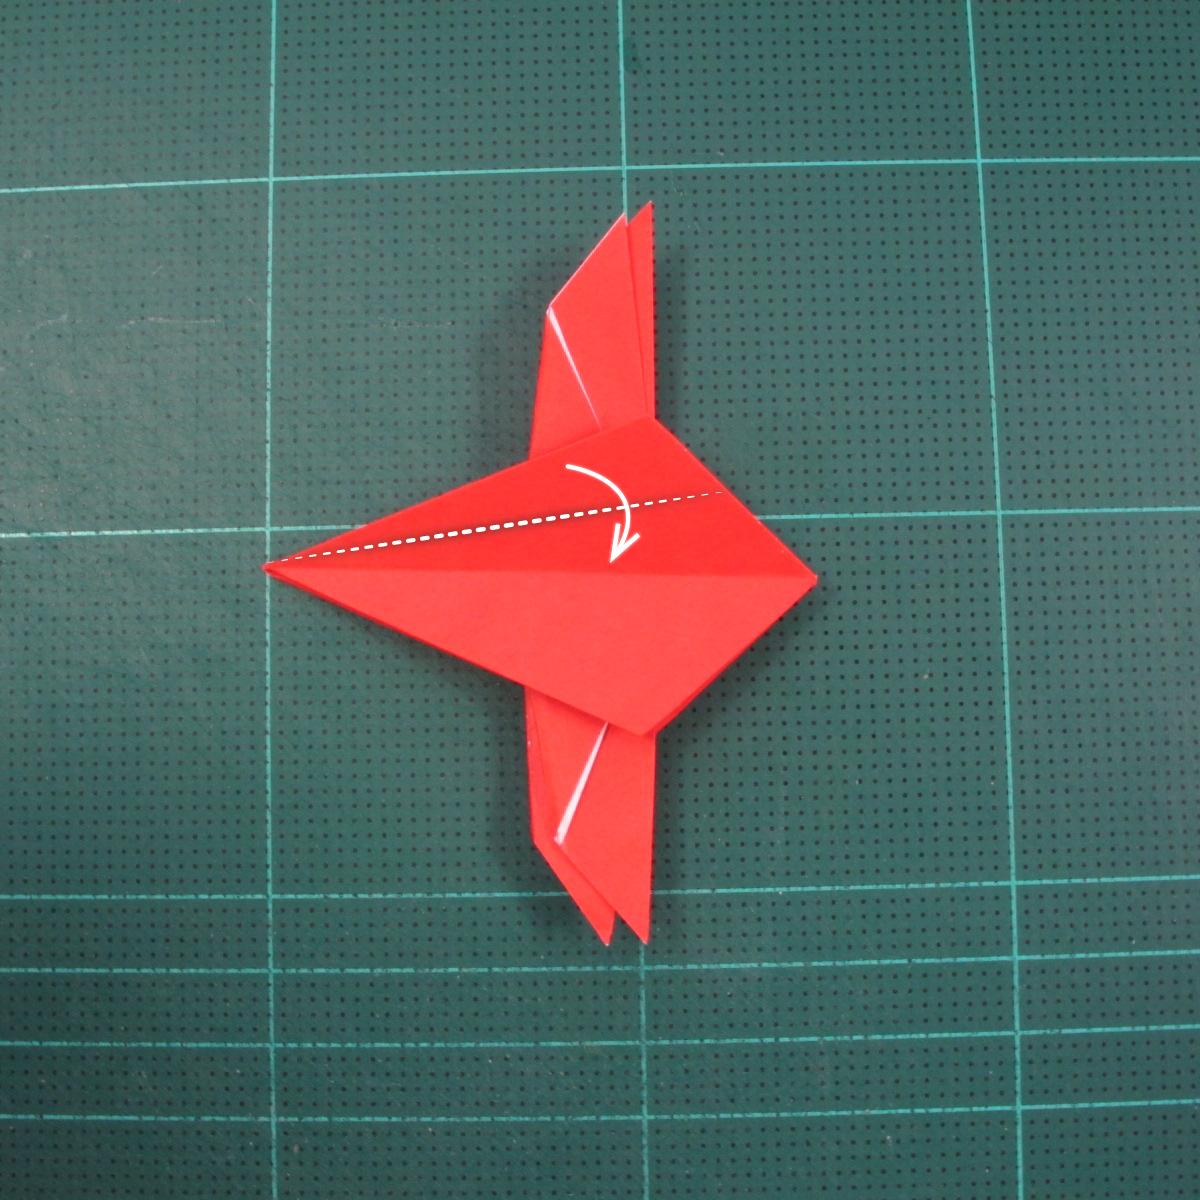 วิธีพับกระดาษเป็นรูปแมลงปอ (Origami Dragonfly) 016